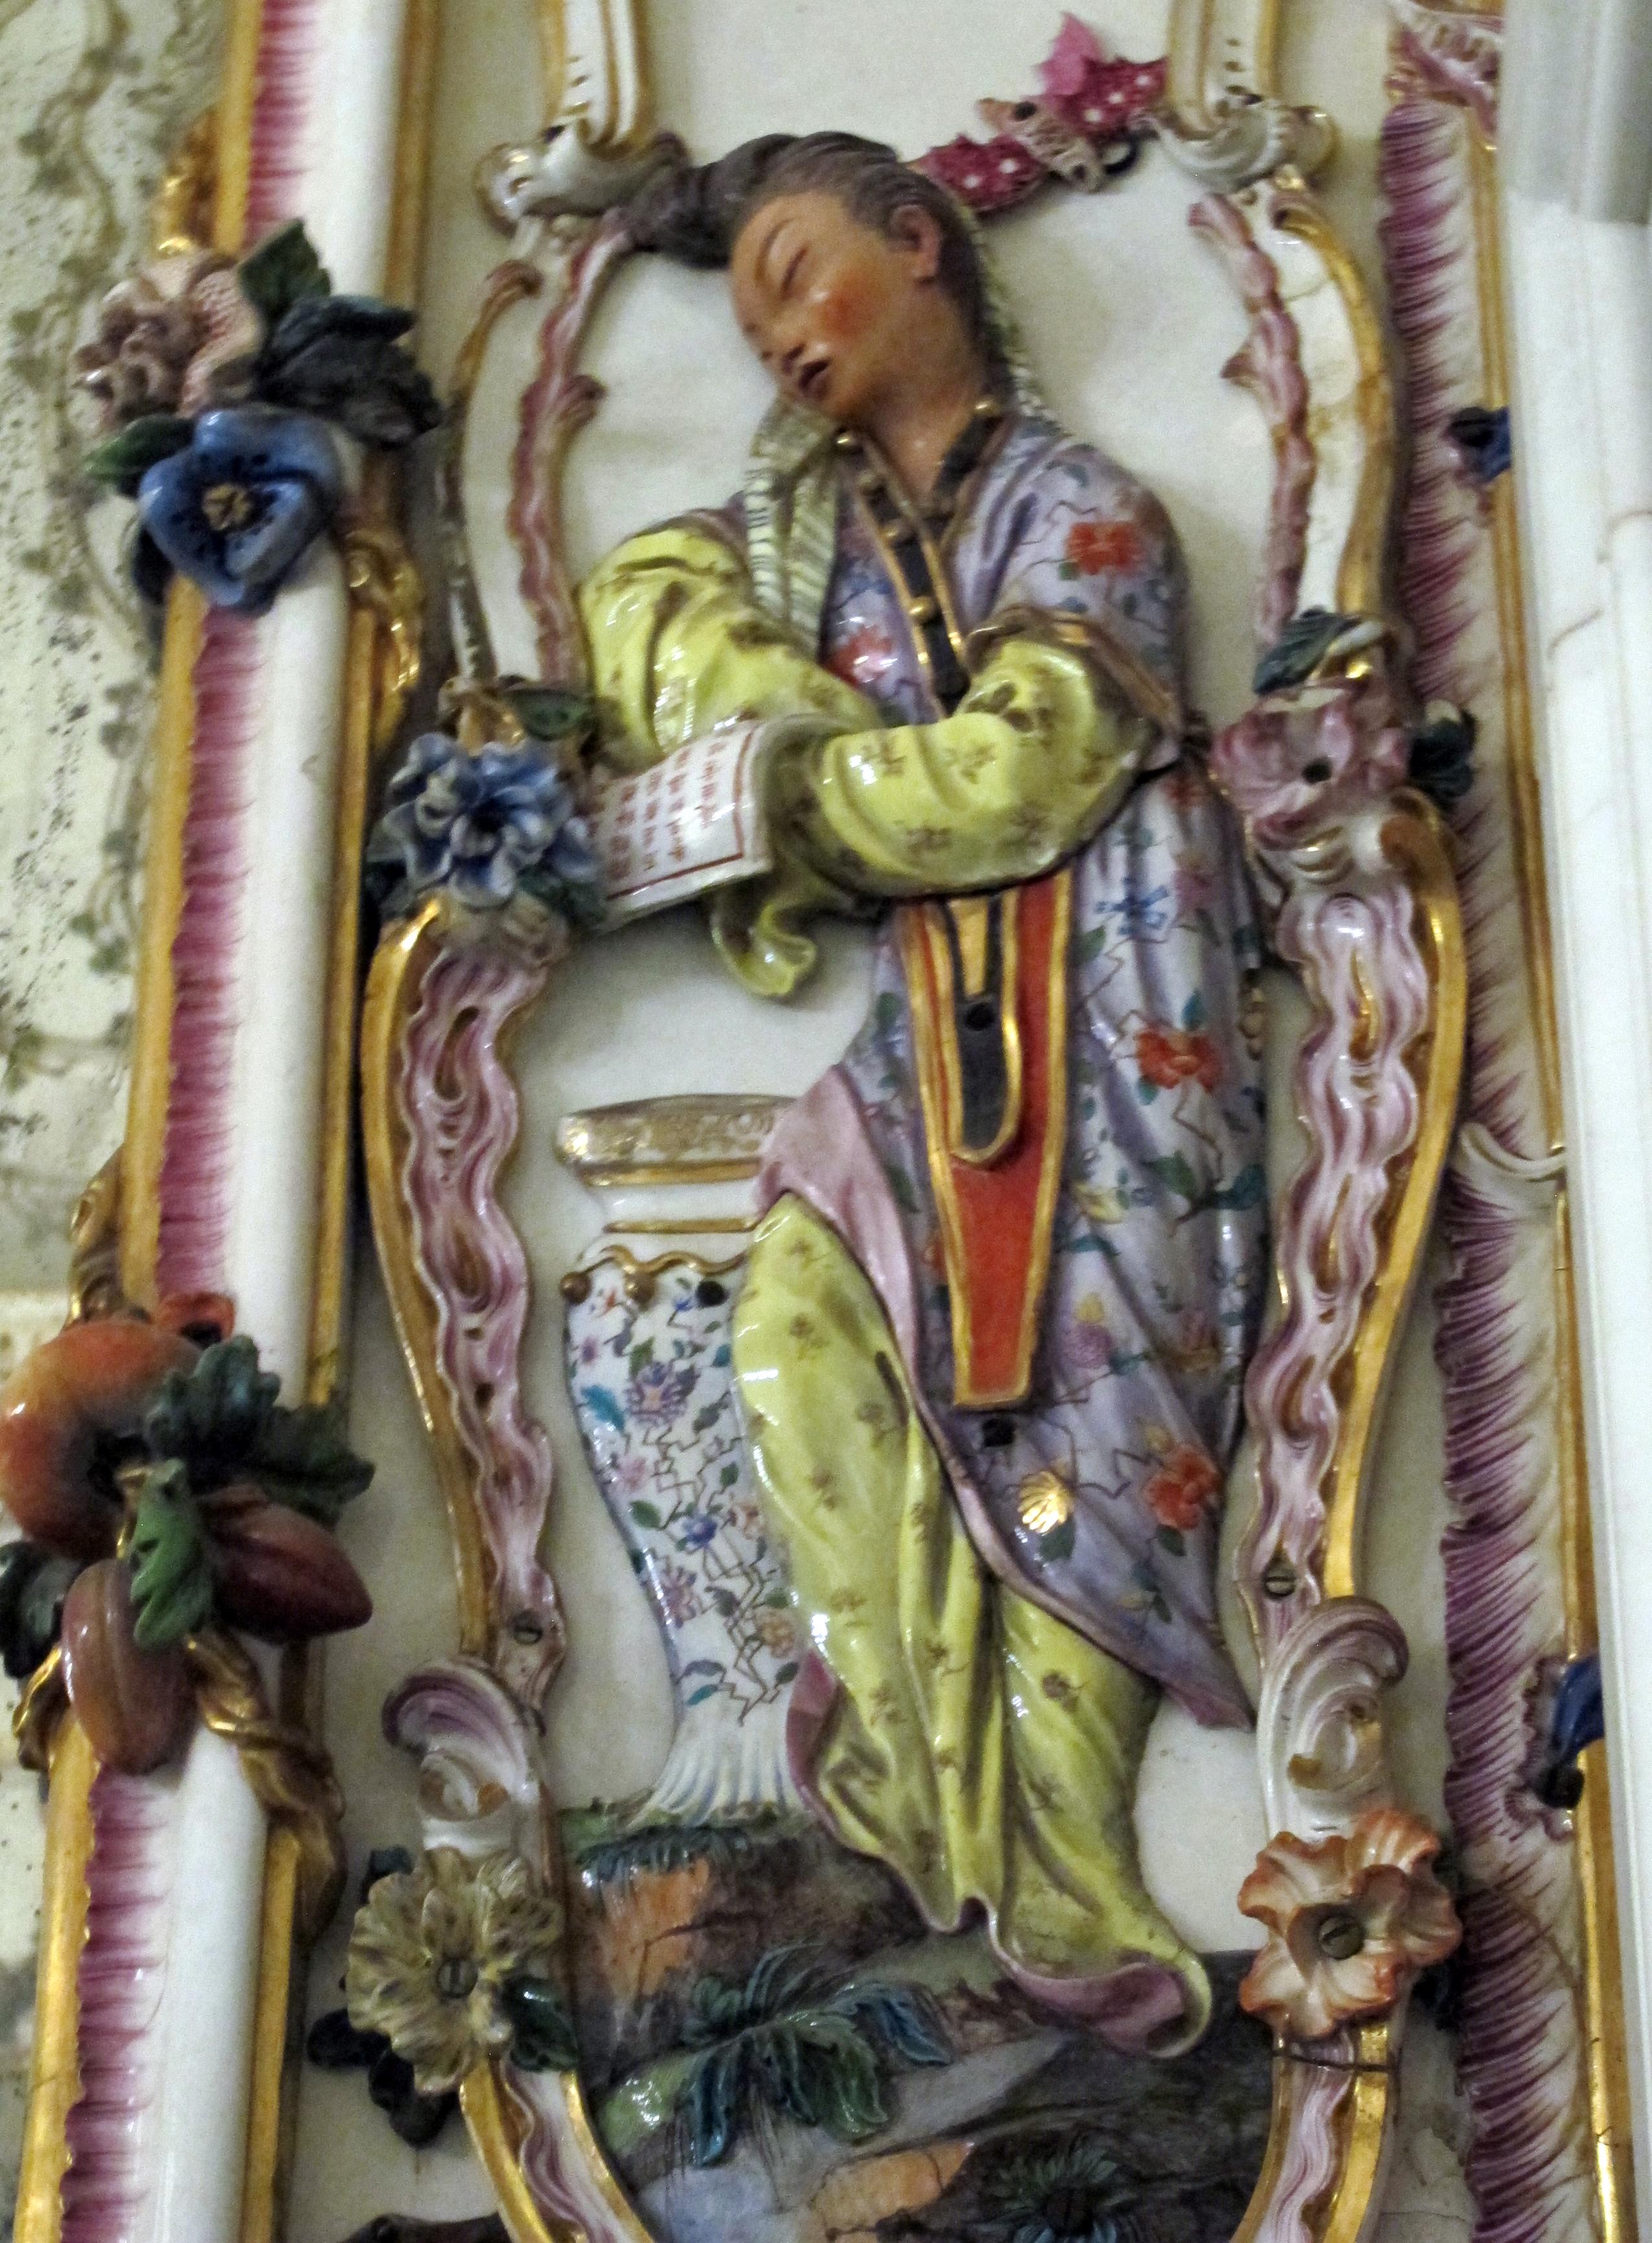 salottino di porcellana della regina amalia, 1757-59 ca. 10.jpg